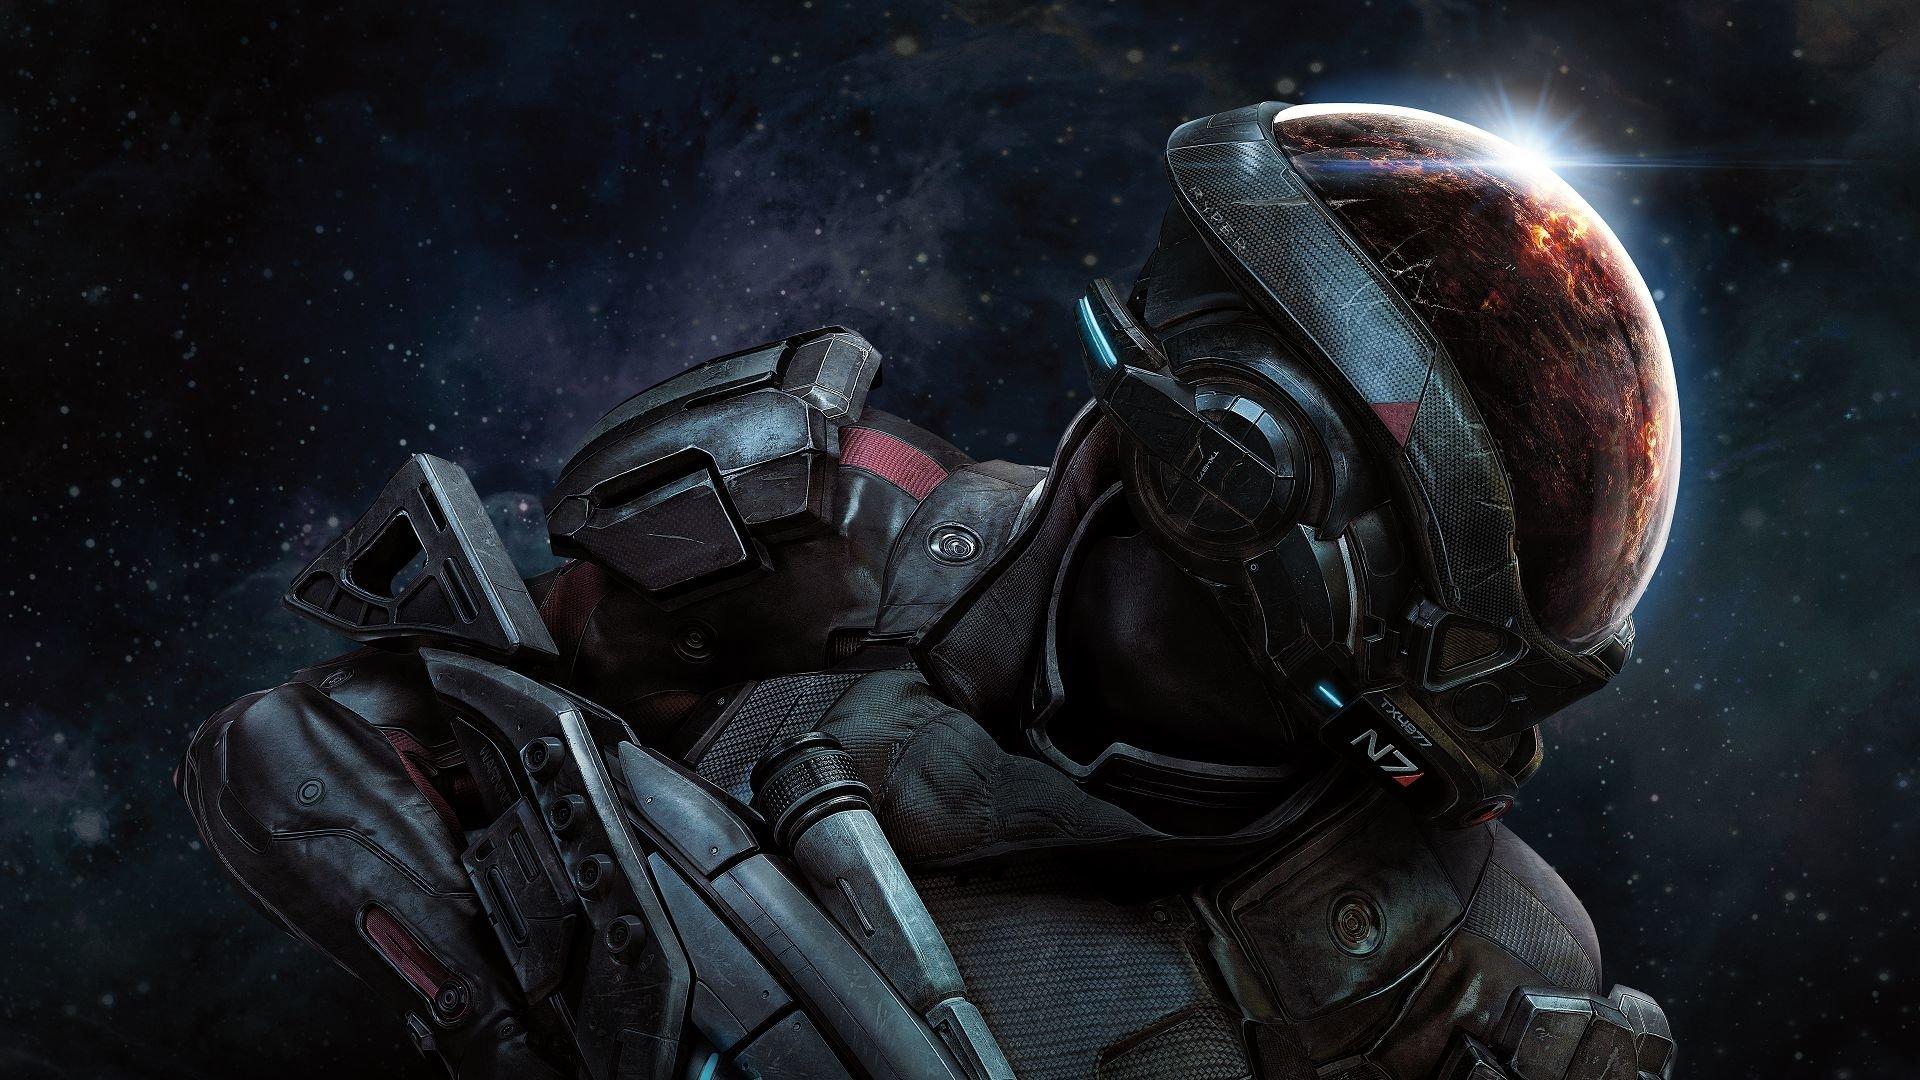 Mass Effect Andromeda Desktop Wallpaper: Mass Effect: Andromeda Wallpapers HD For Desktop Backgrounds